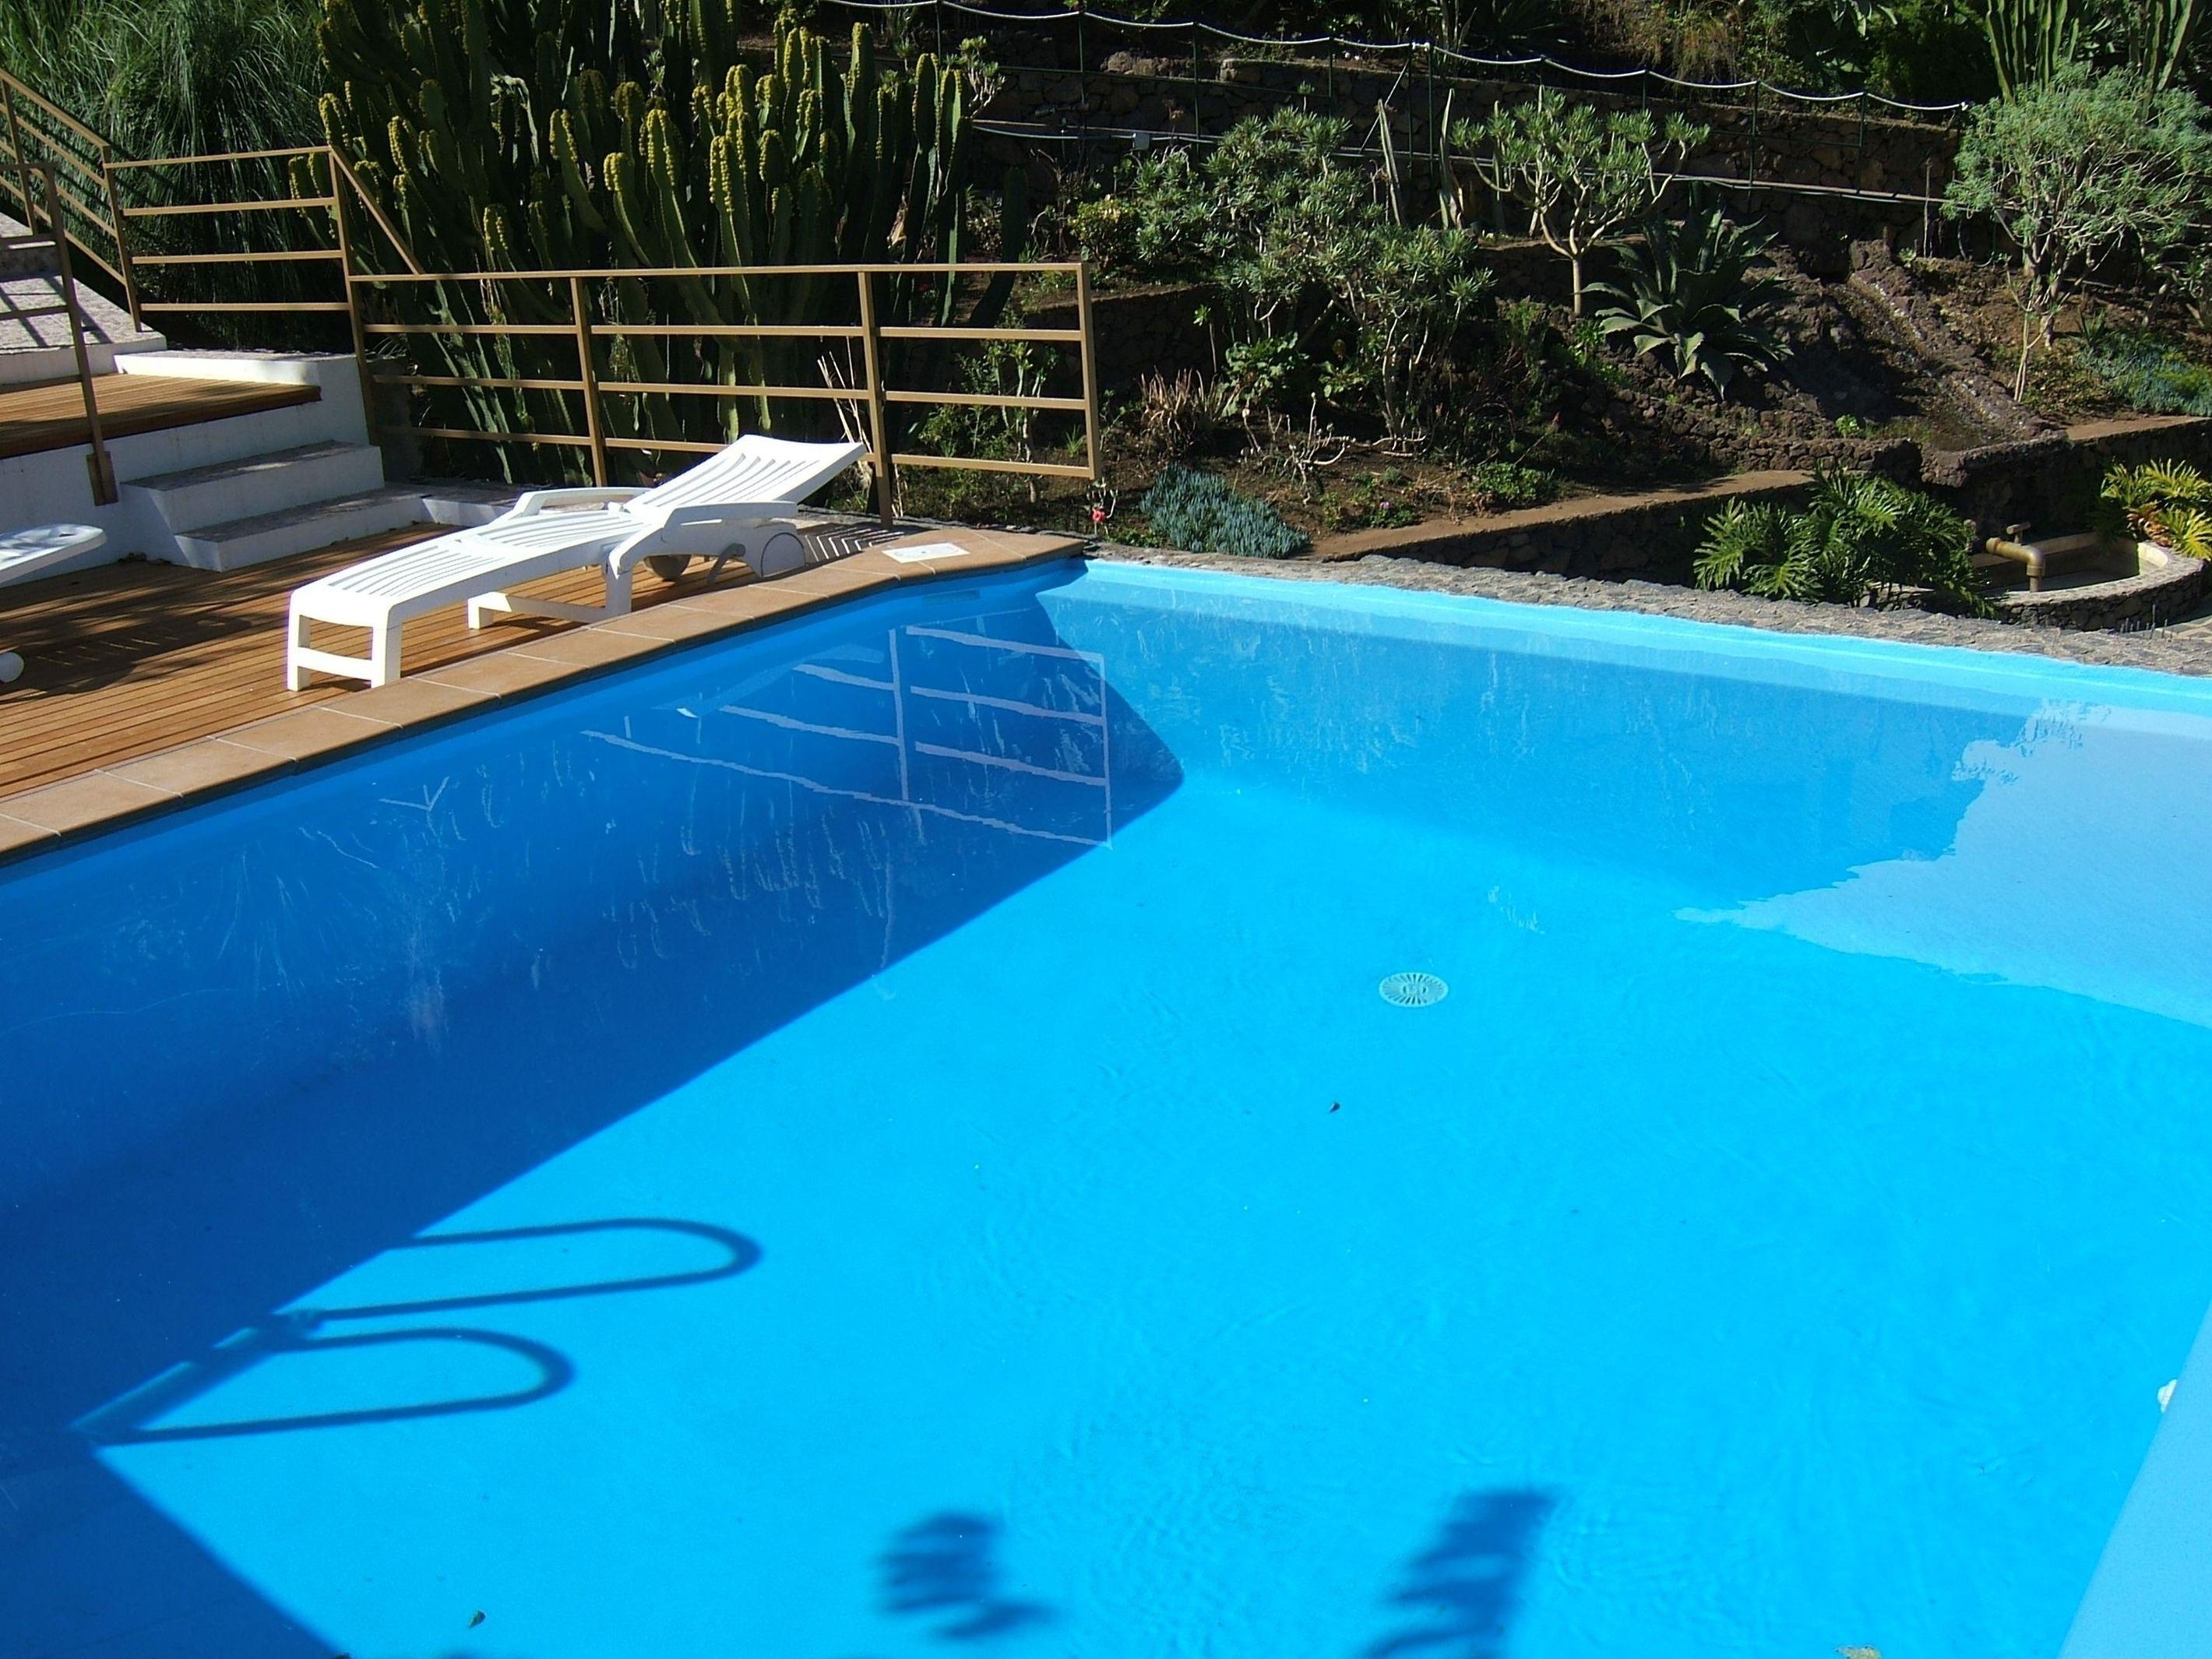 Appartement de vacances Fewo Rocamar, auf dem Felsen über dem Meer mit toller Sicht, 2 Terrassen, Pool, Grill und  (2492985), Santa Ursula, Ténérife, Iles Canaries, Espagne, image 22